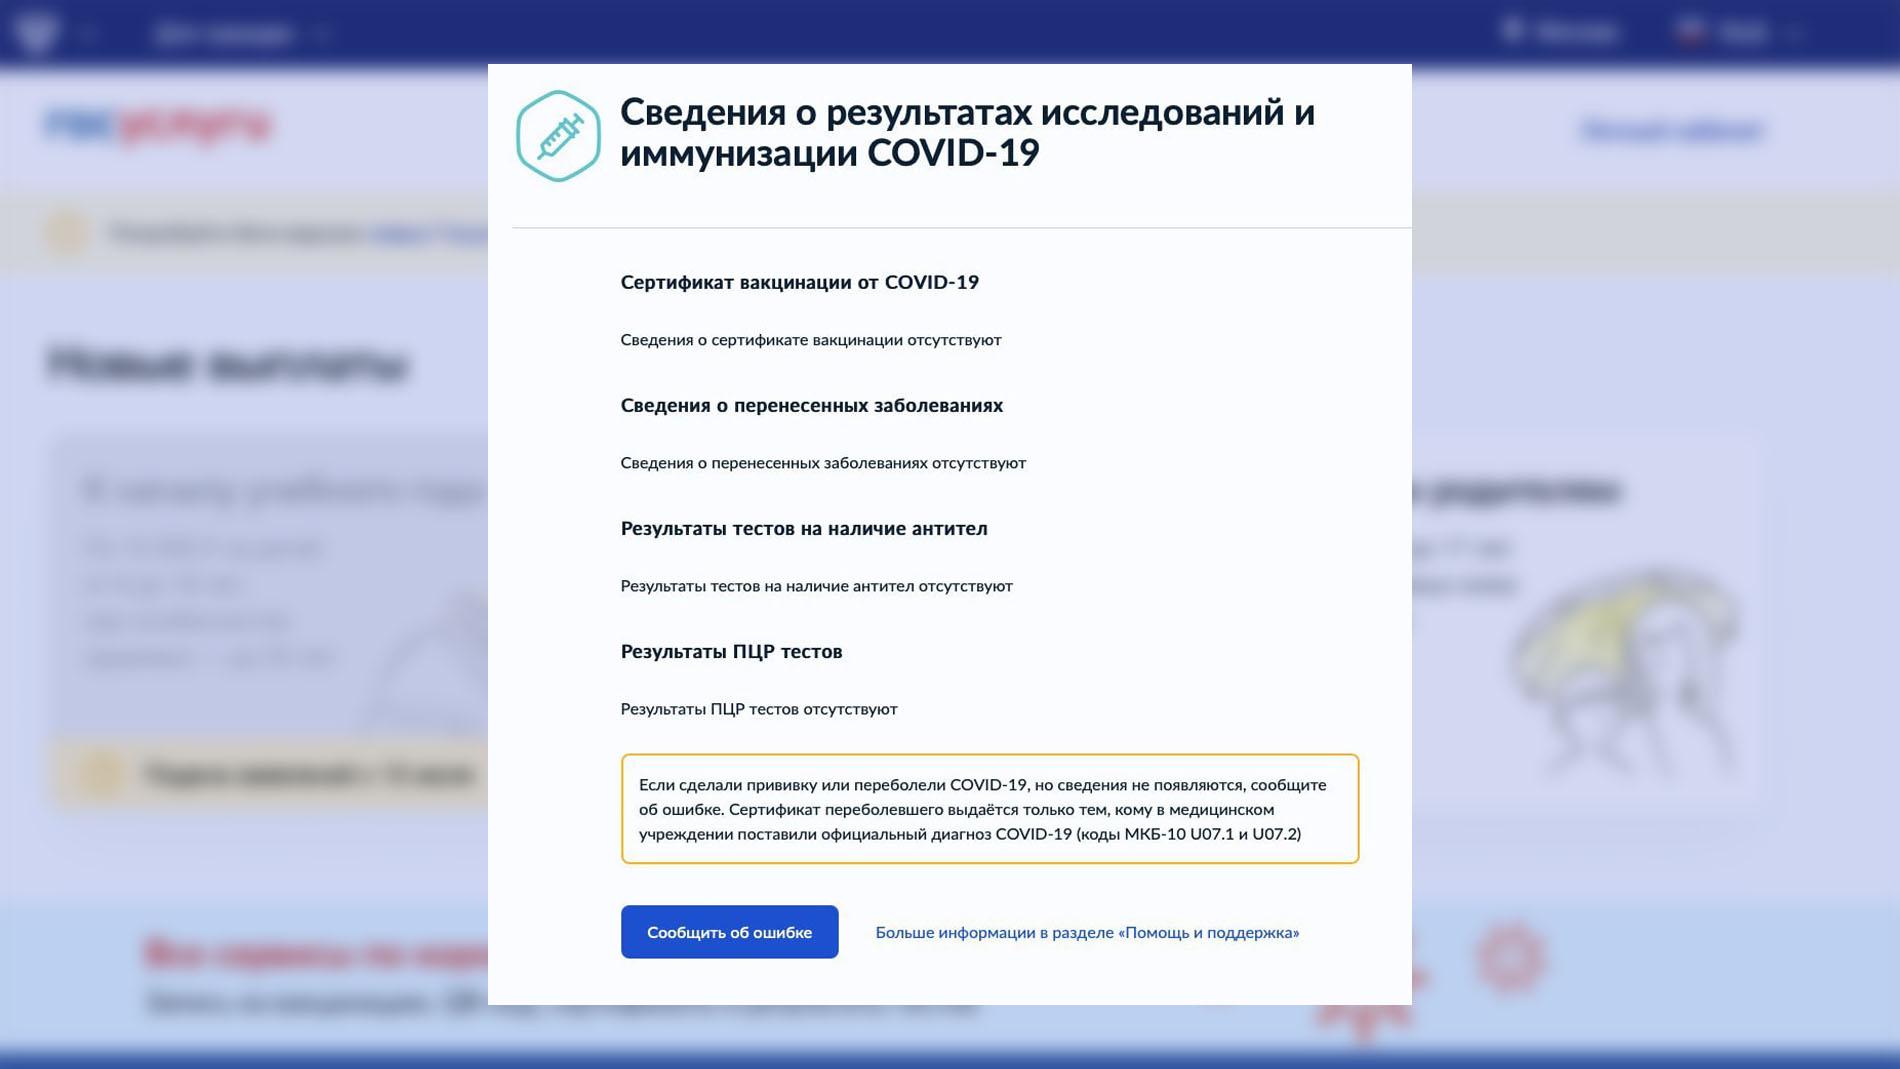 ©gosuslugi.ru